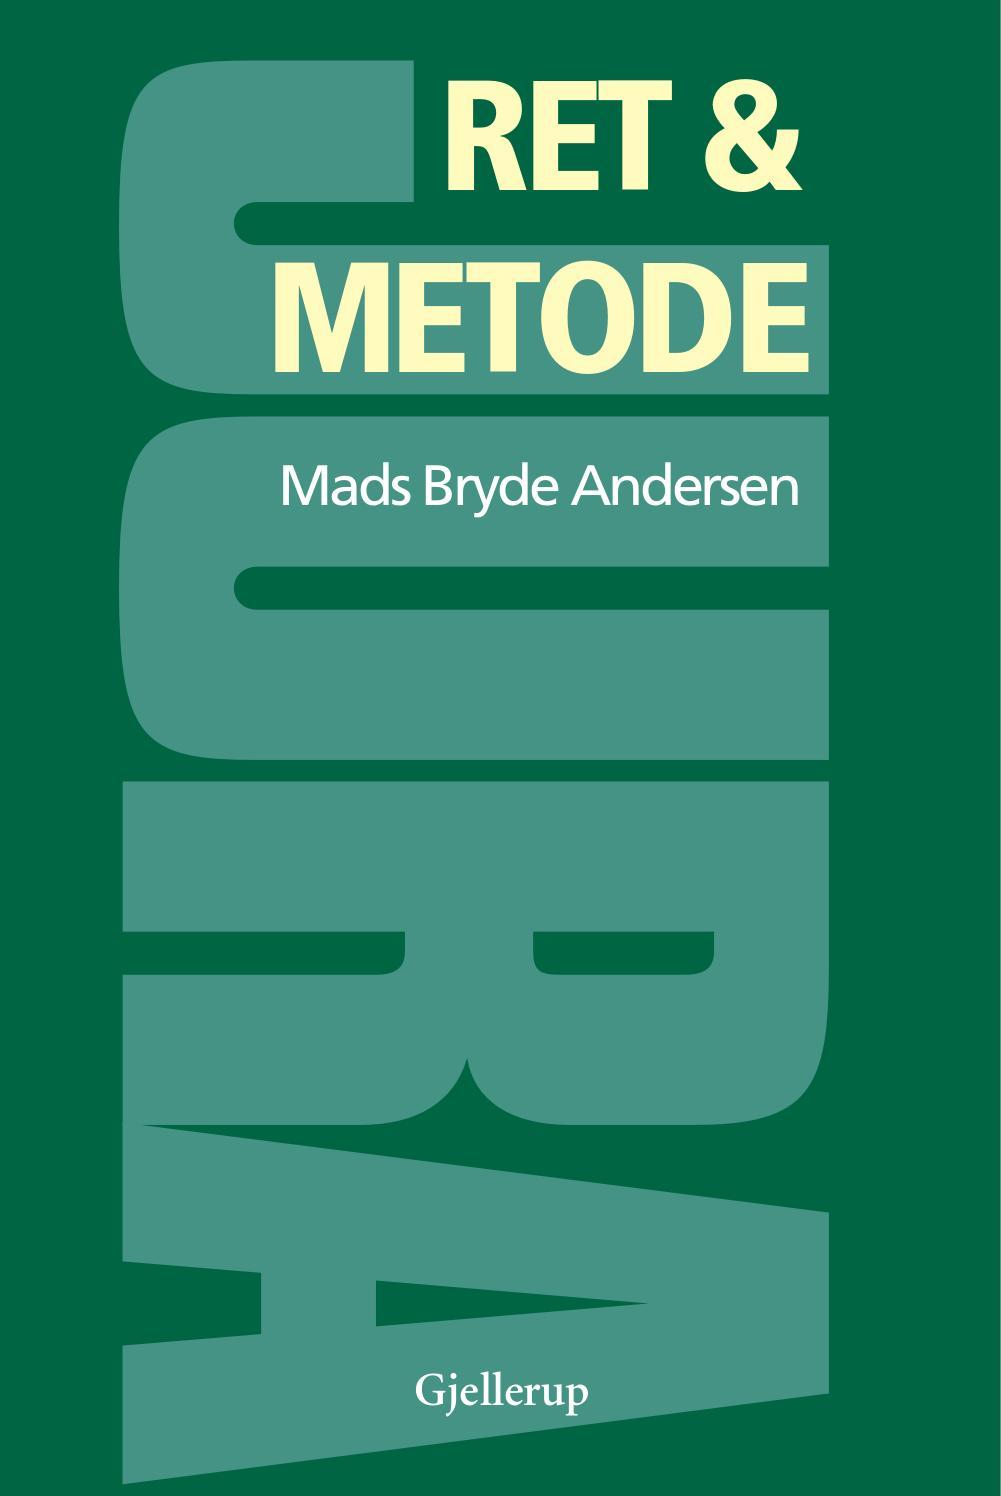 Moderne Ret og metode - e-bog by Gads Forlag - issuu VT-86